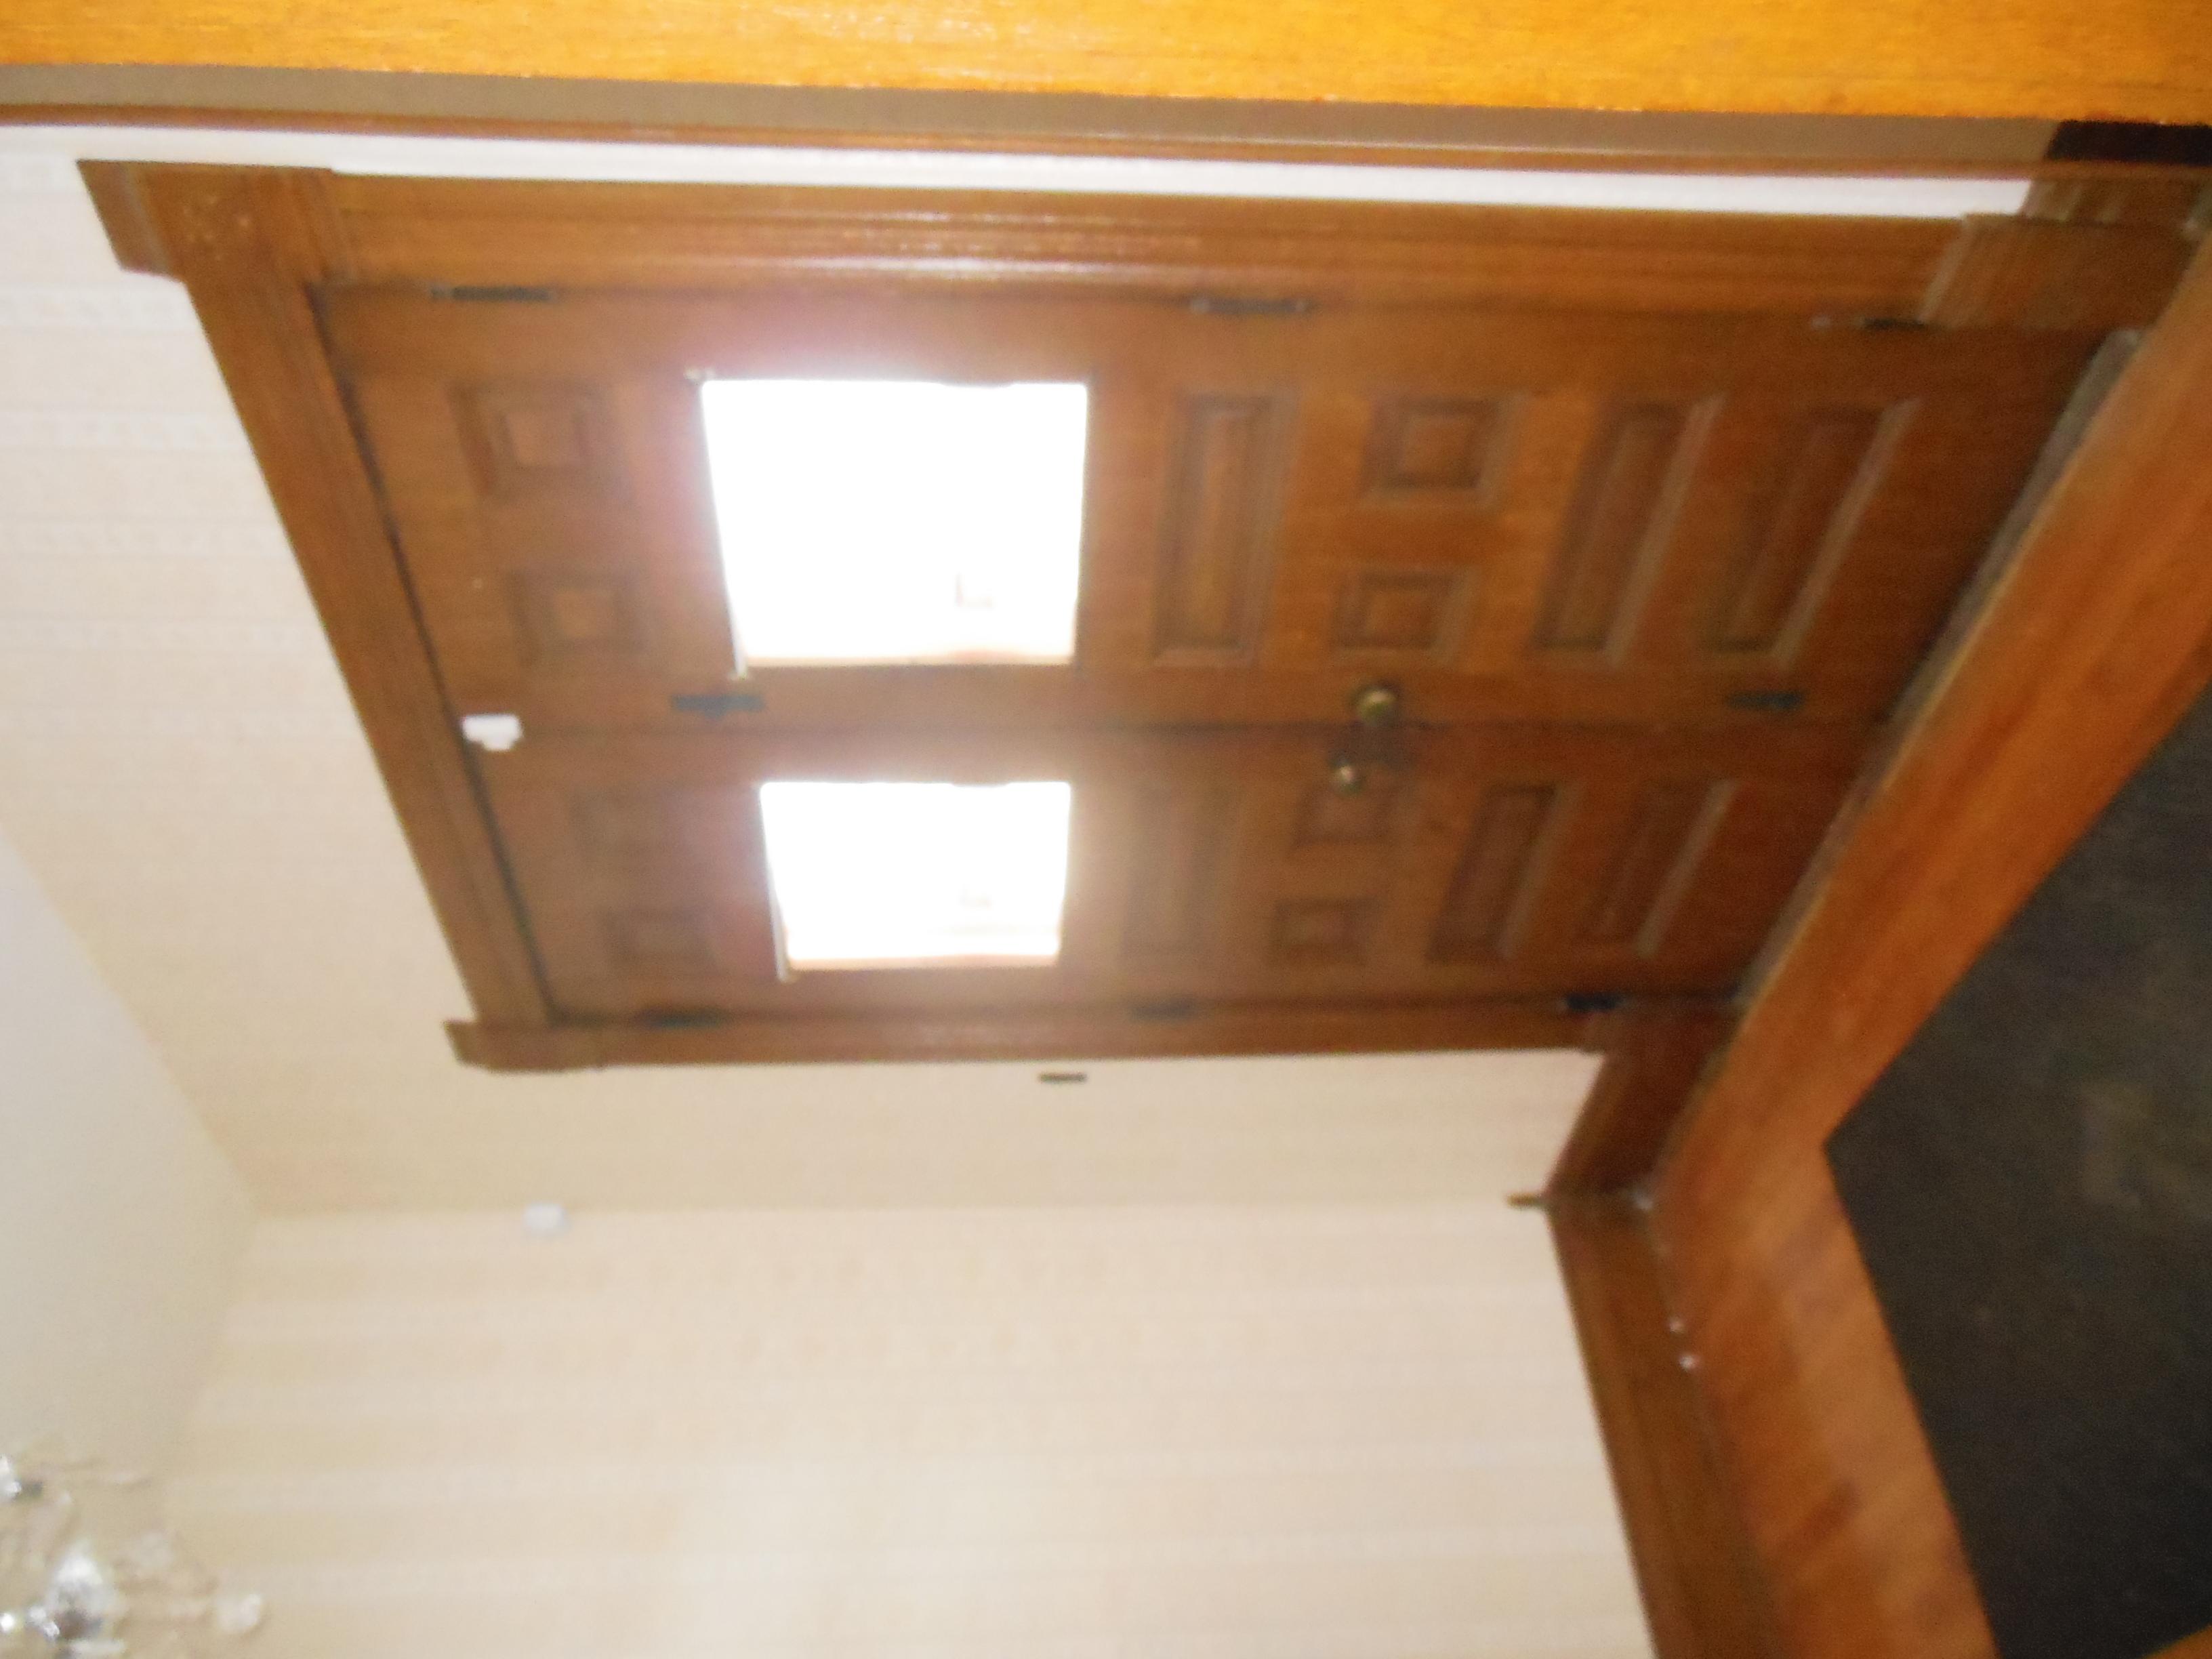 509 Normal Front doors